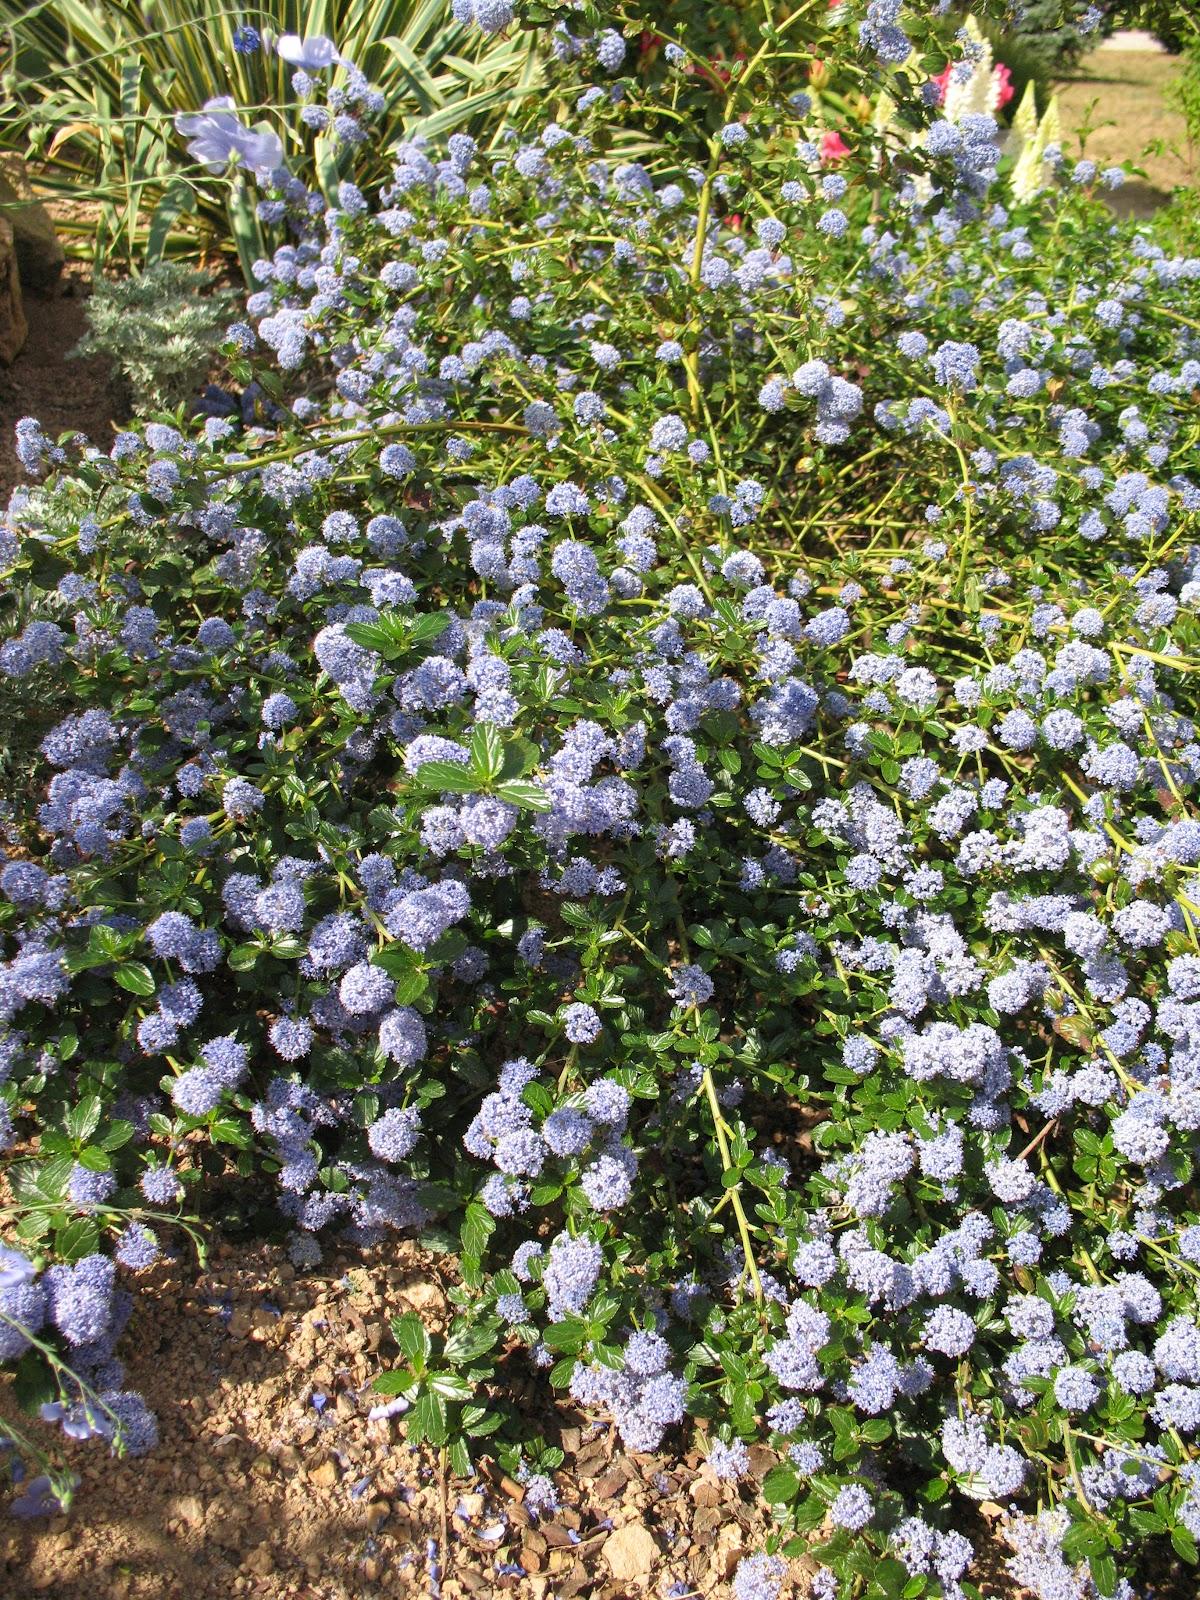 Couvre Sol Croissance Rapide roses du jardin chêneland: céanothe, céanothus thyrsiflorus